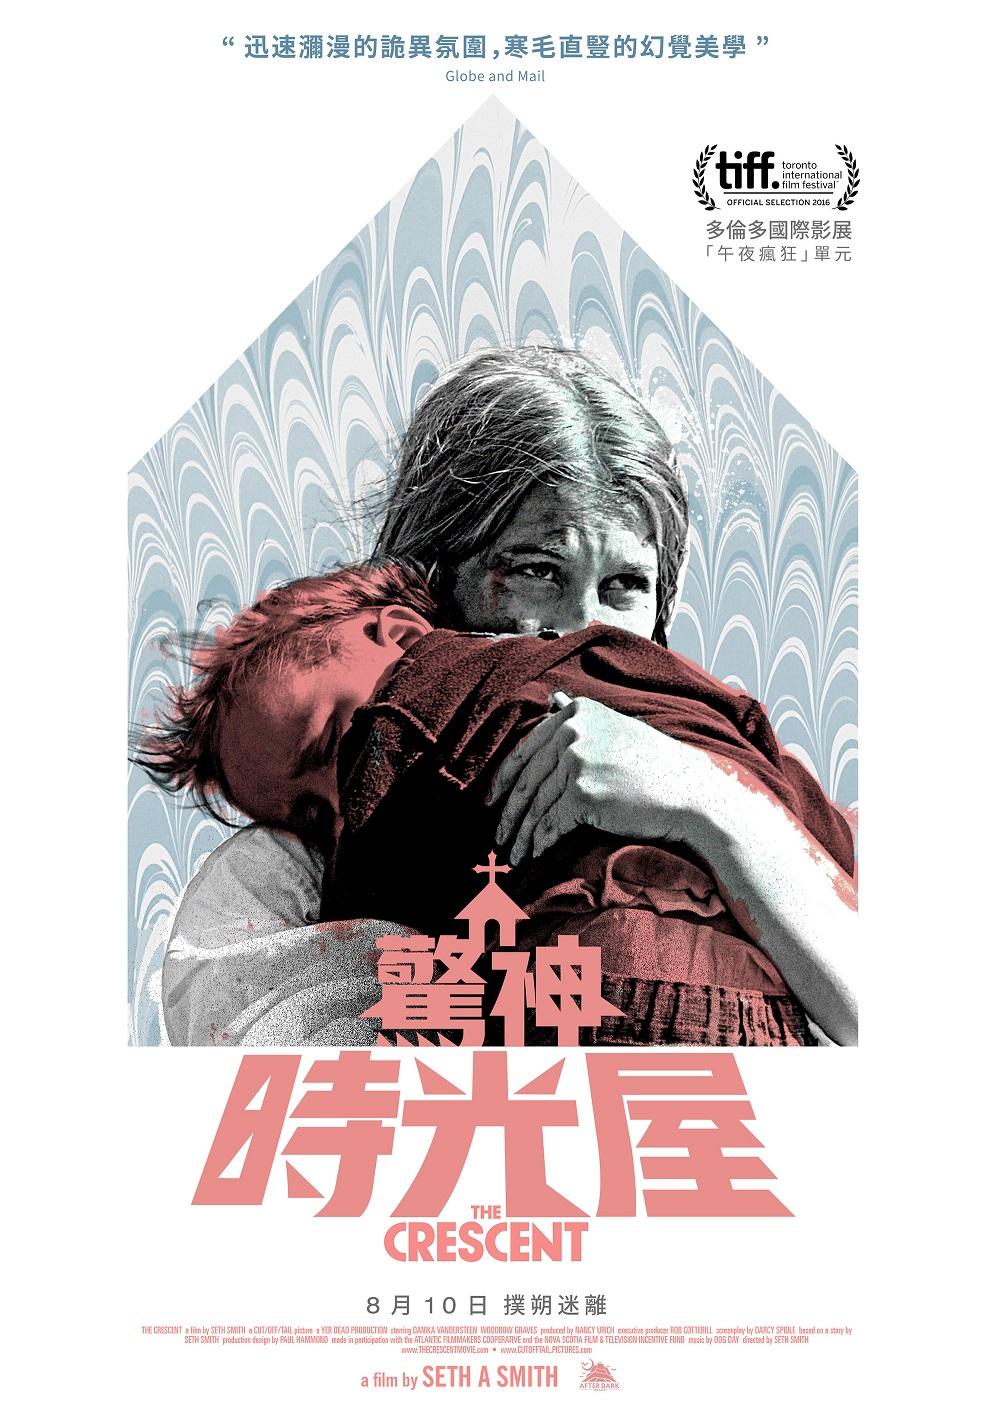 直逼《 宿怨 》的 加拿大 懸疑恐怖片 !《 驚神時光屋 》電影海報 。